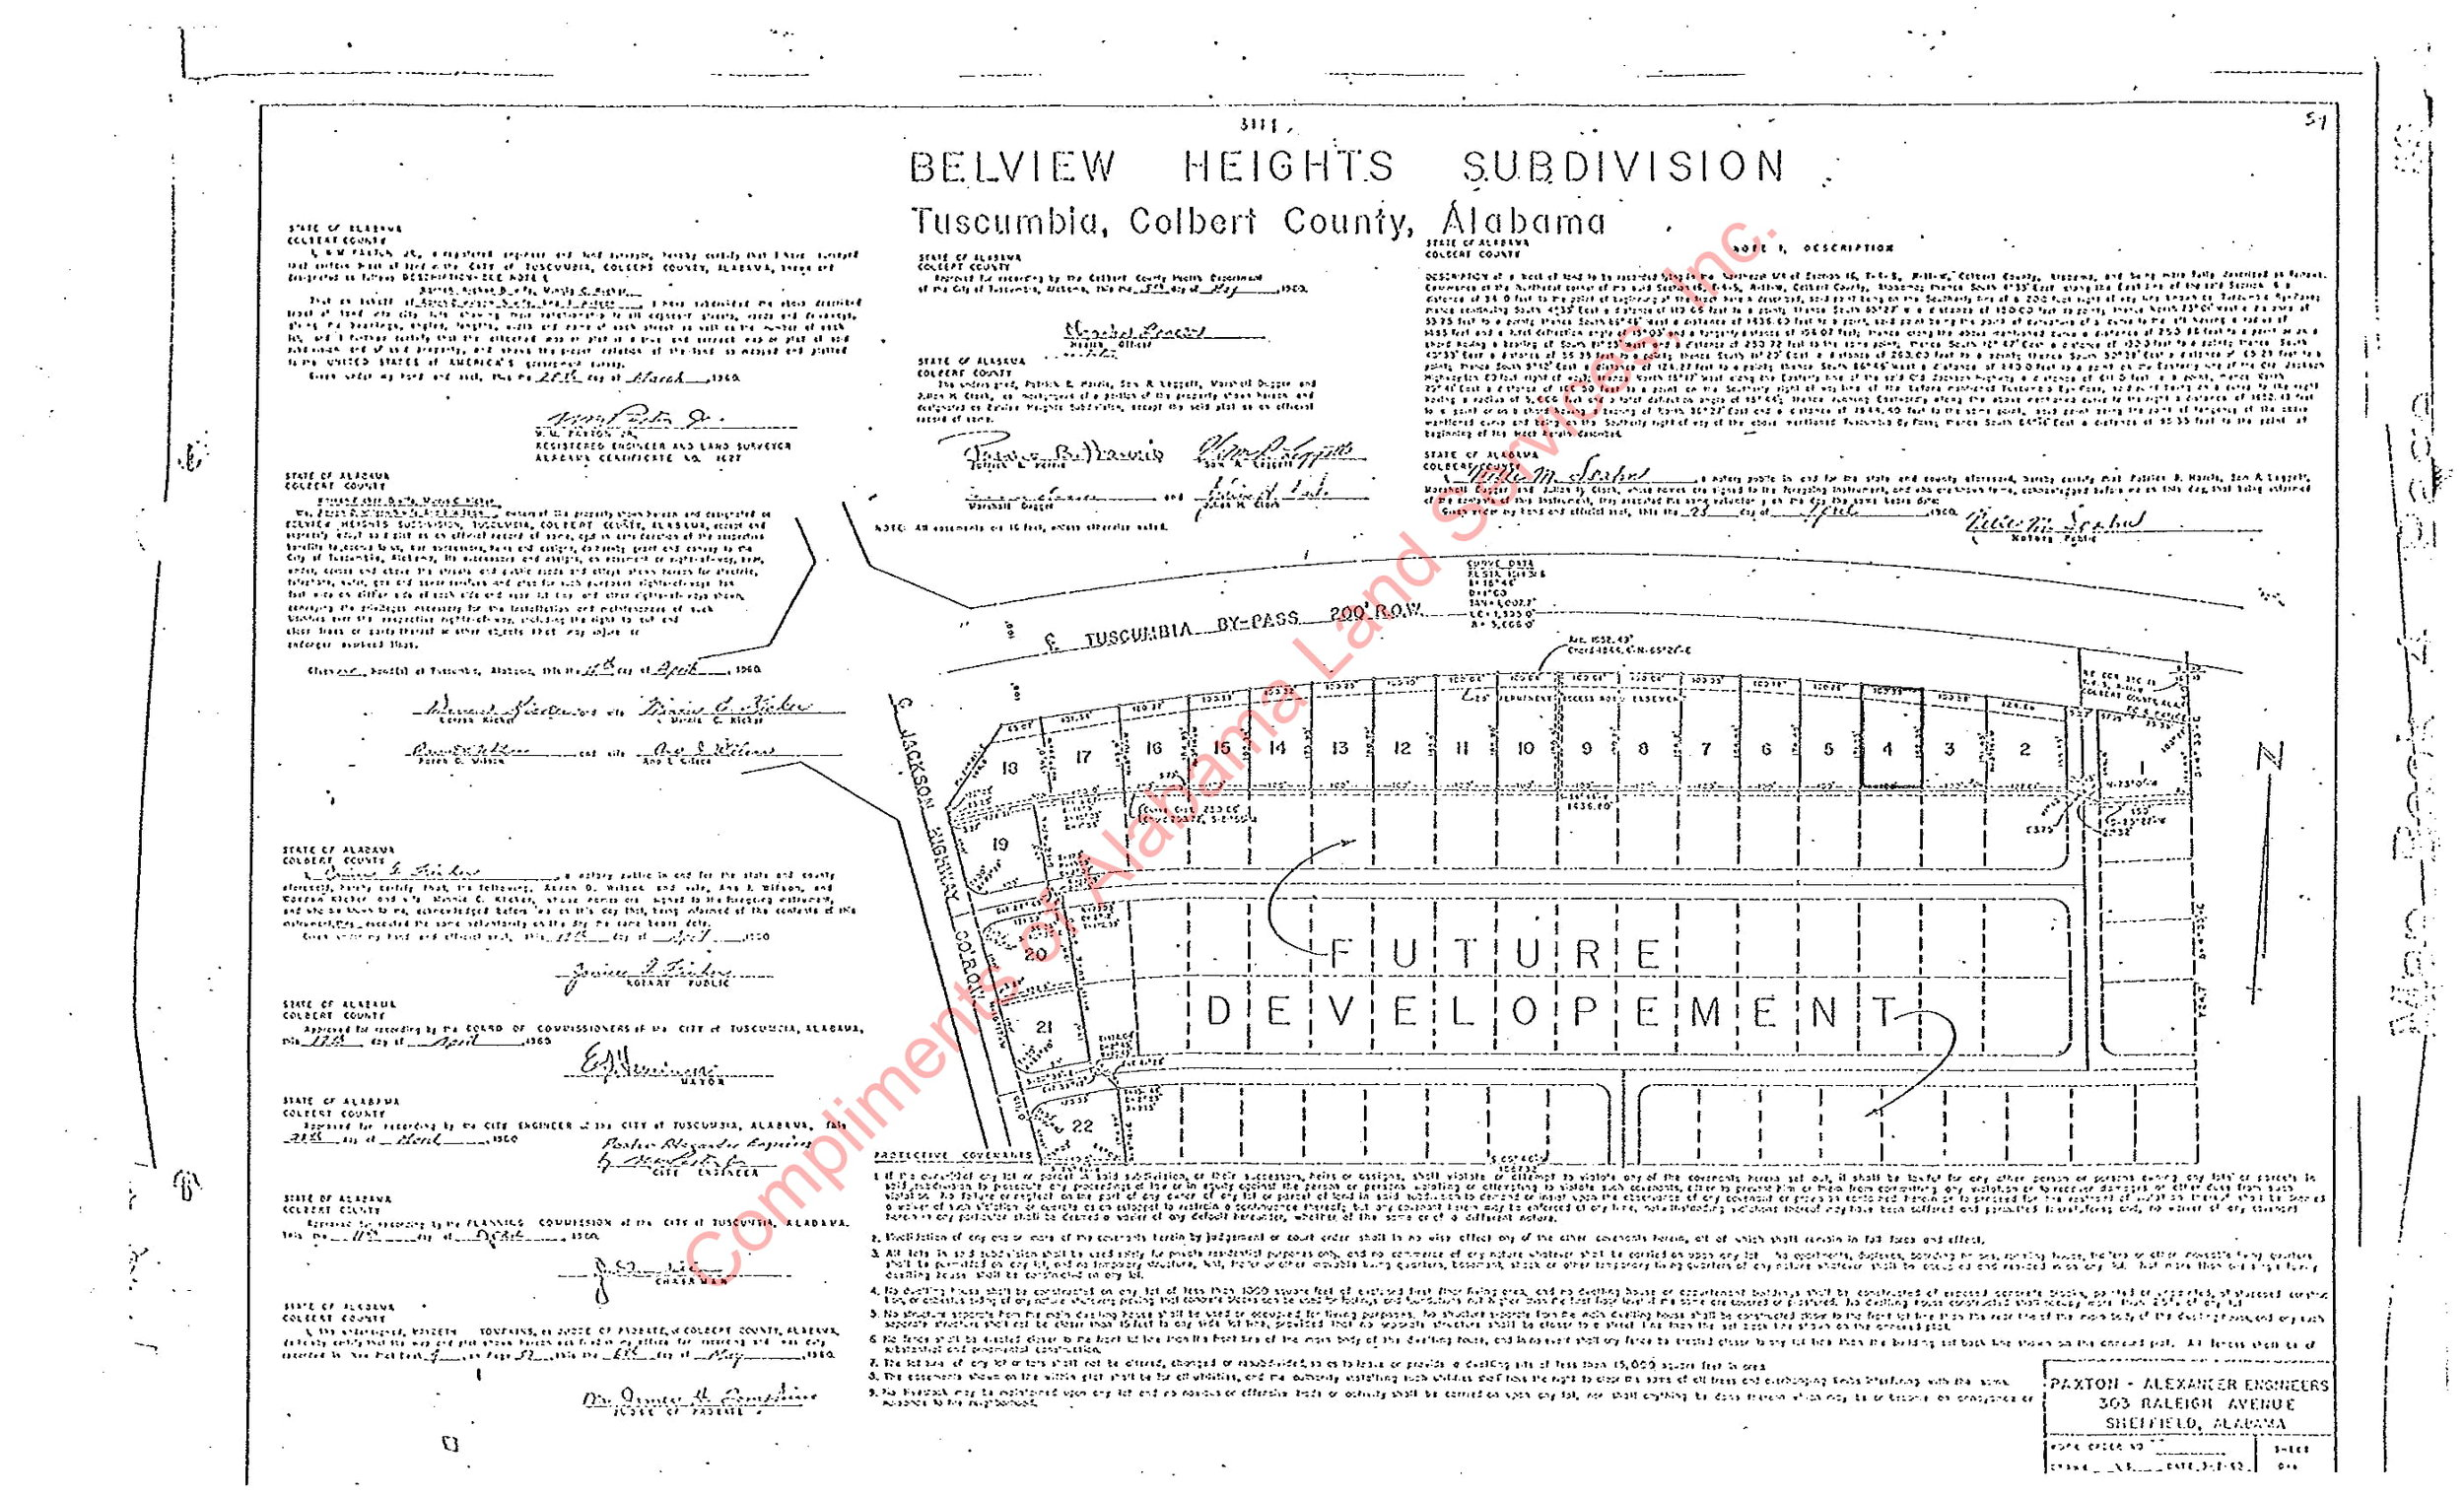 Belview Heights Plat 3 plat-1.jpg